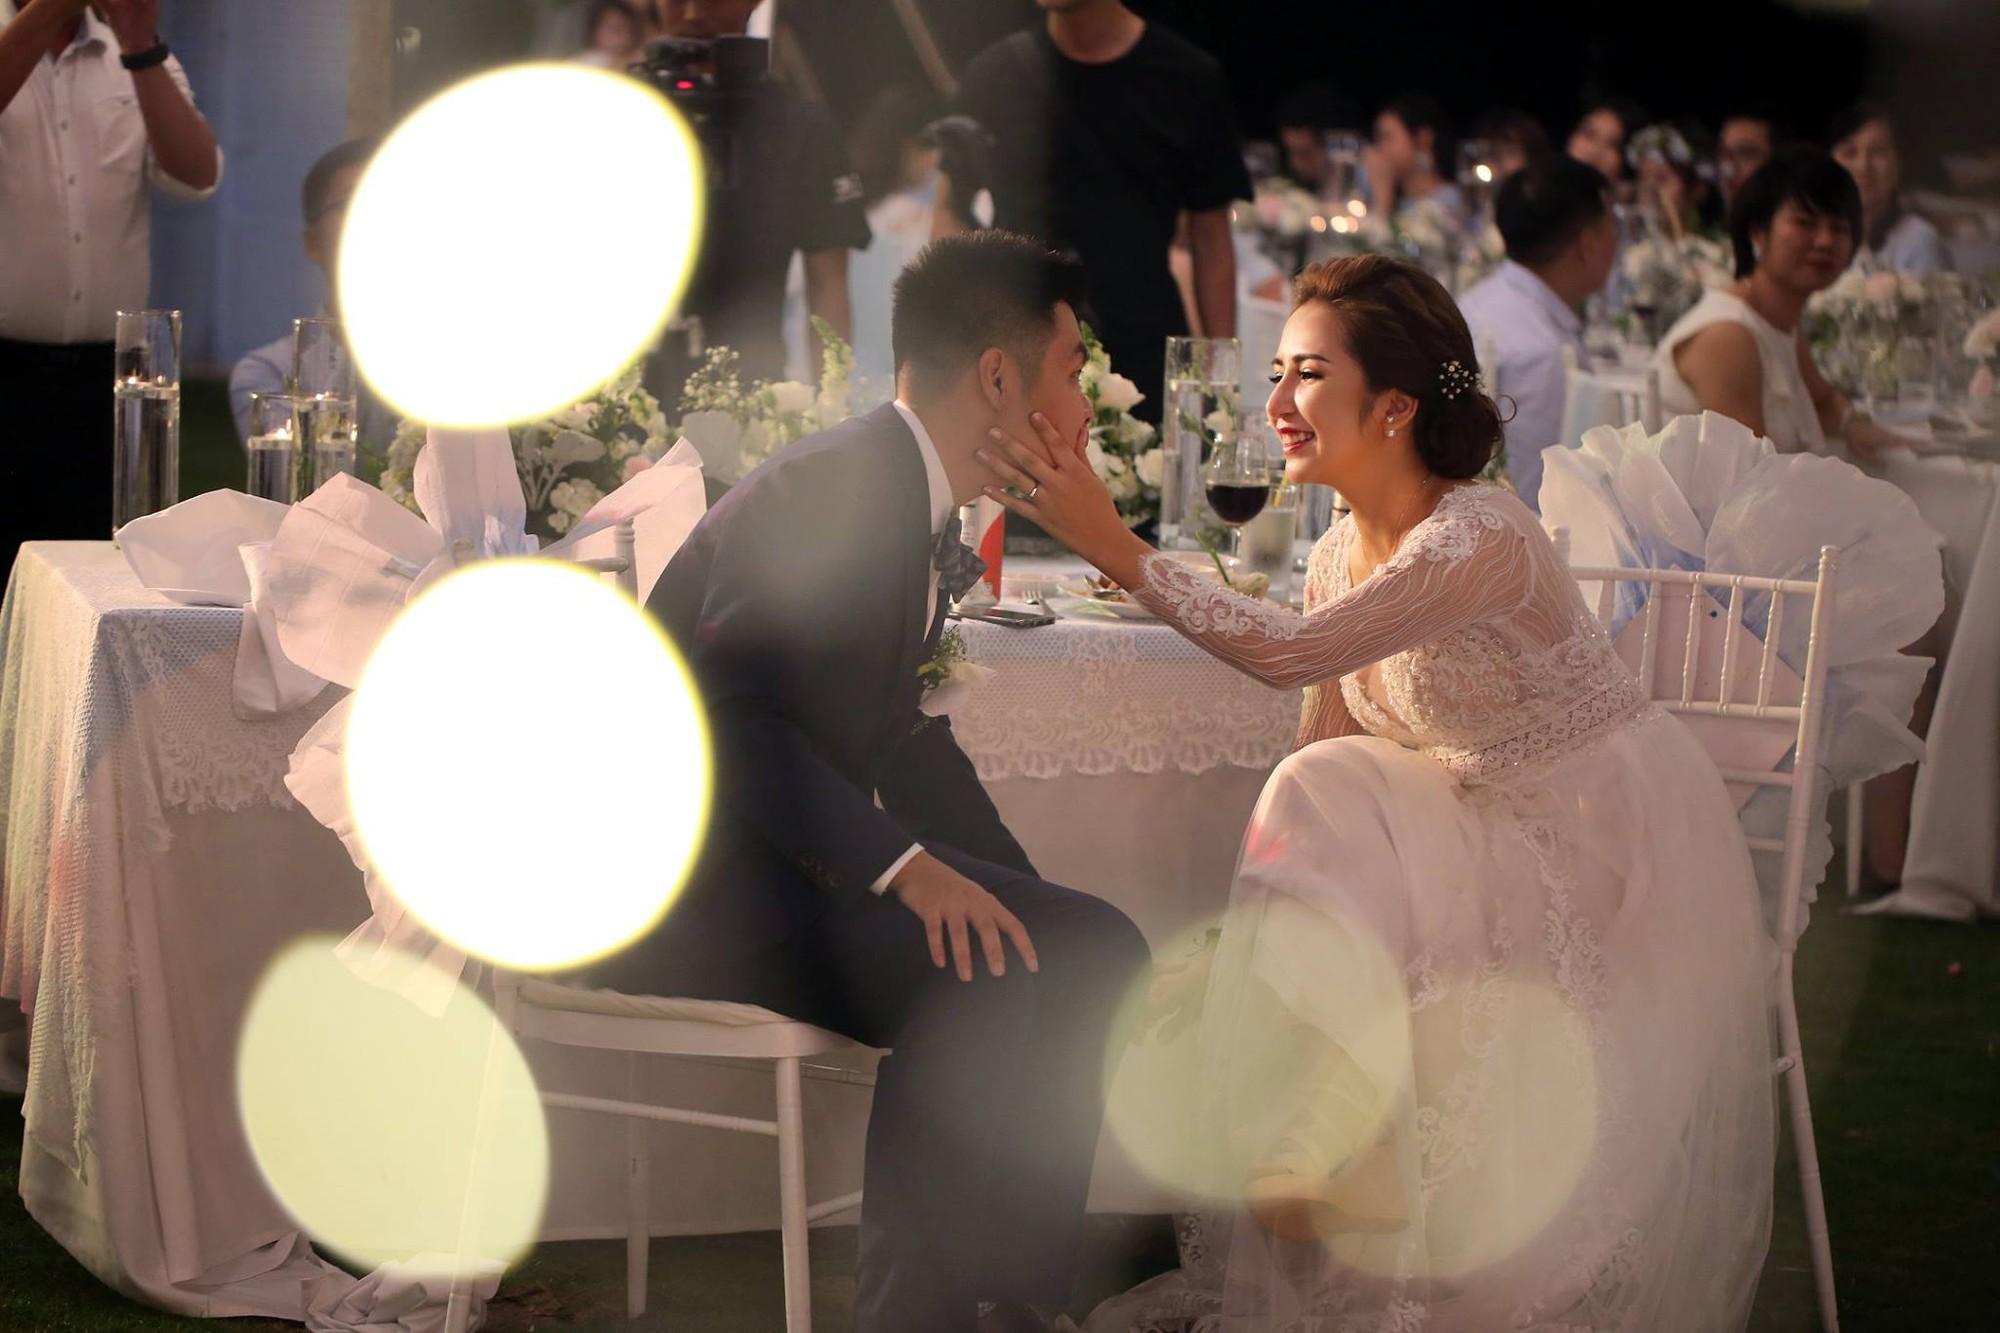 """Cùng xem MV cưới """"one shot"""" đầu tiên tại Việt Nam, chỉ quay trong đúng một lần bấm máy mà vẫn lung linh như mơ - Ảnh 4."""